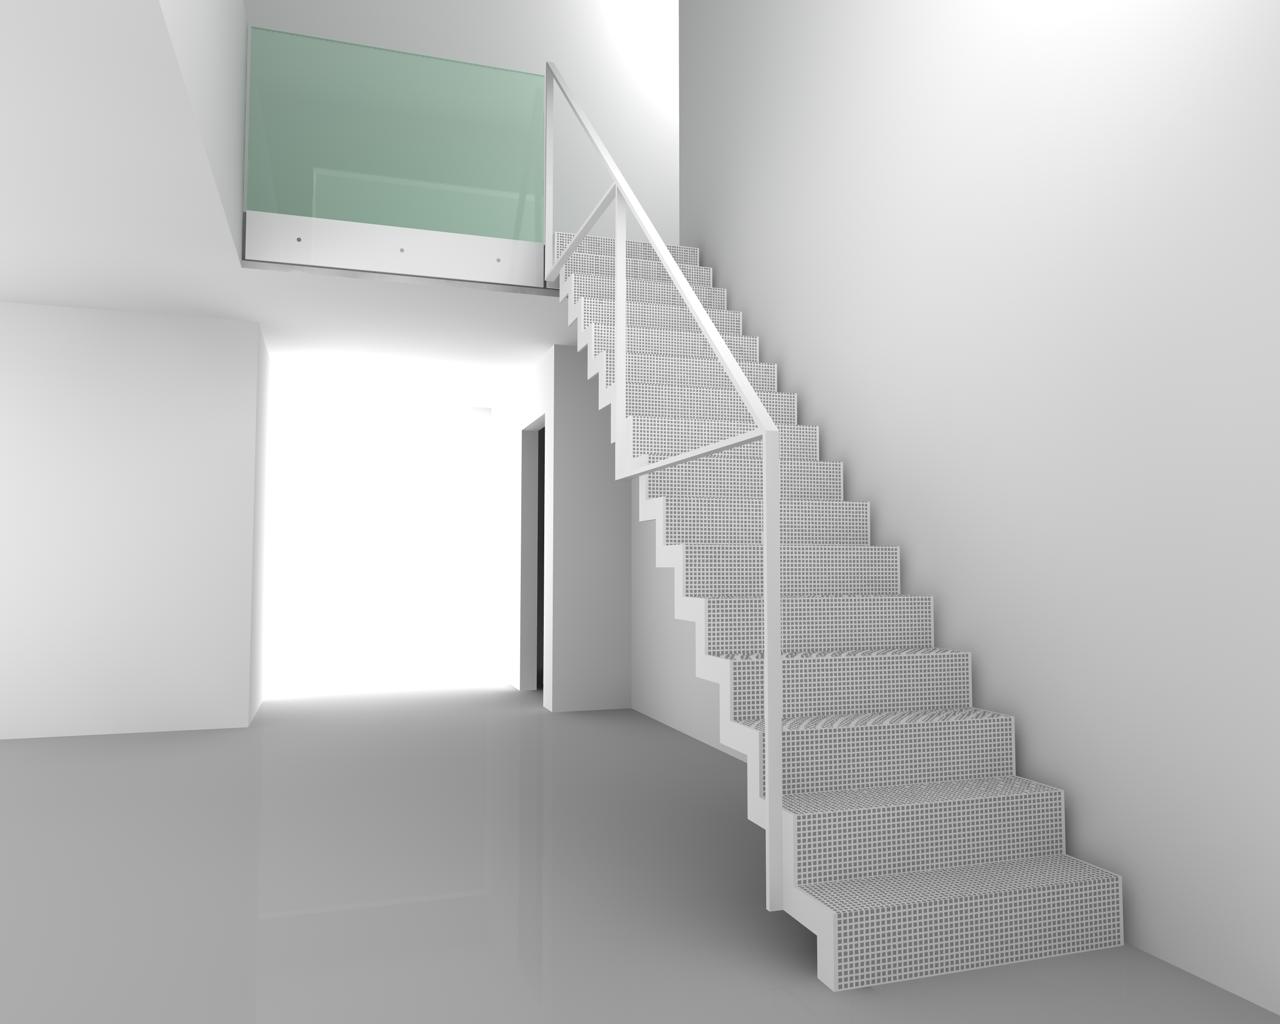 Ons toekomstige huis ontwerp voor de trap - Trap ontwerpen ...